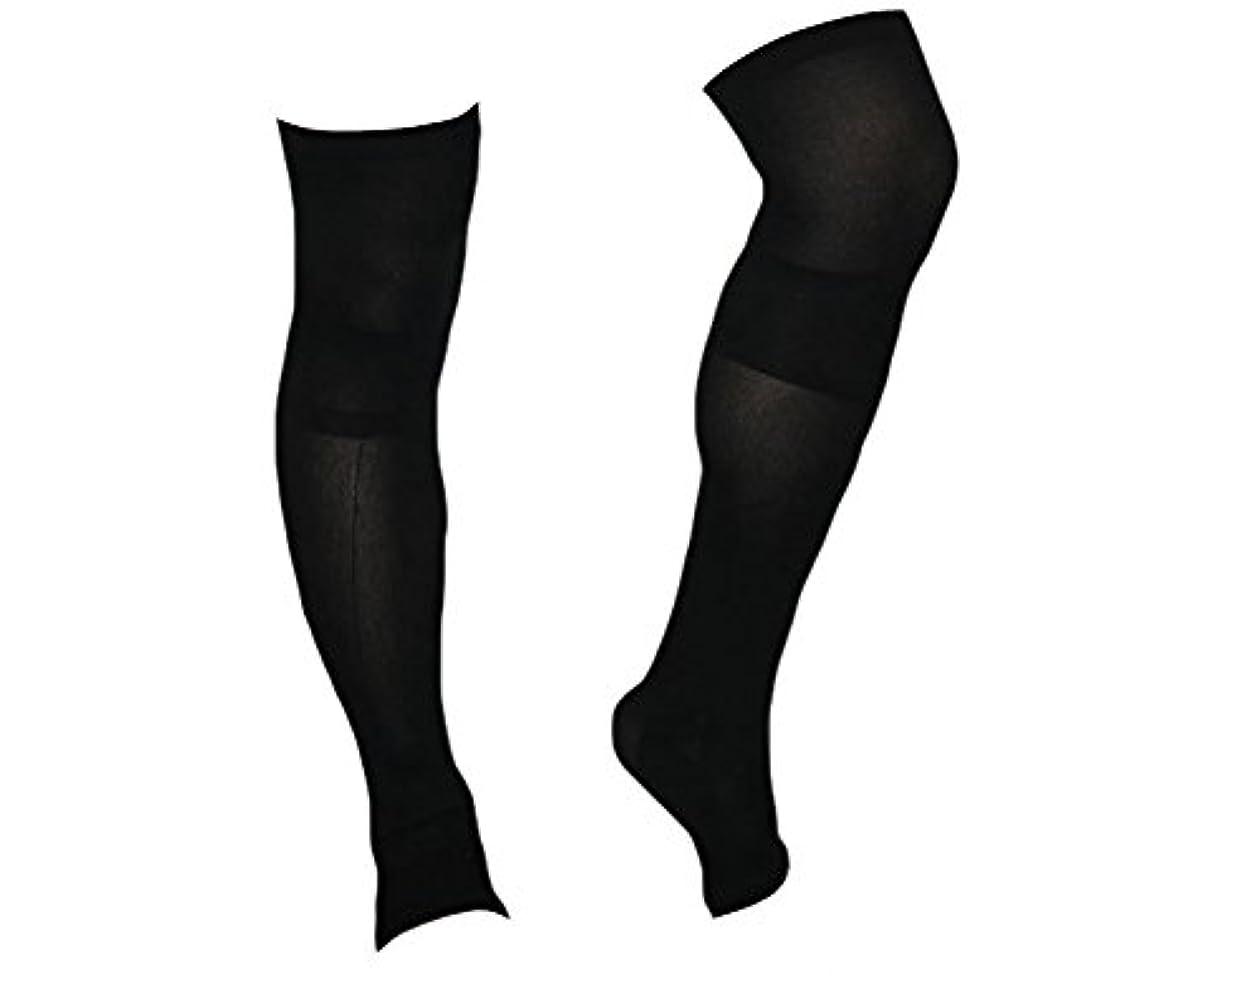 差任命奨励着圧ソックス スパルタックス メンズ 加圧 ソックス 靴下 男性用 (ひざ上丈)